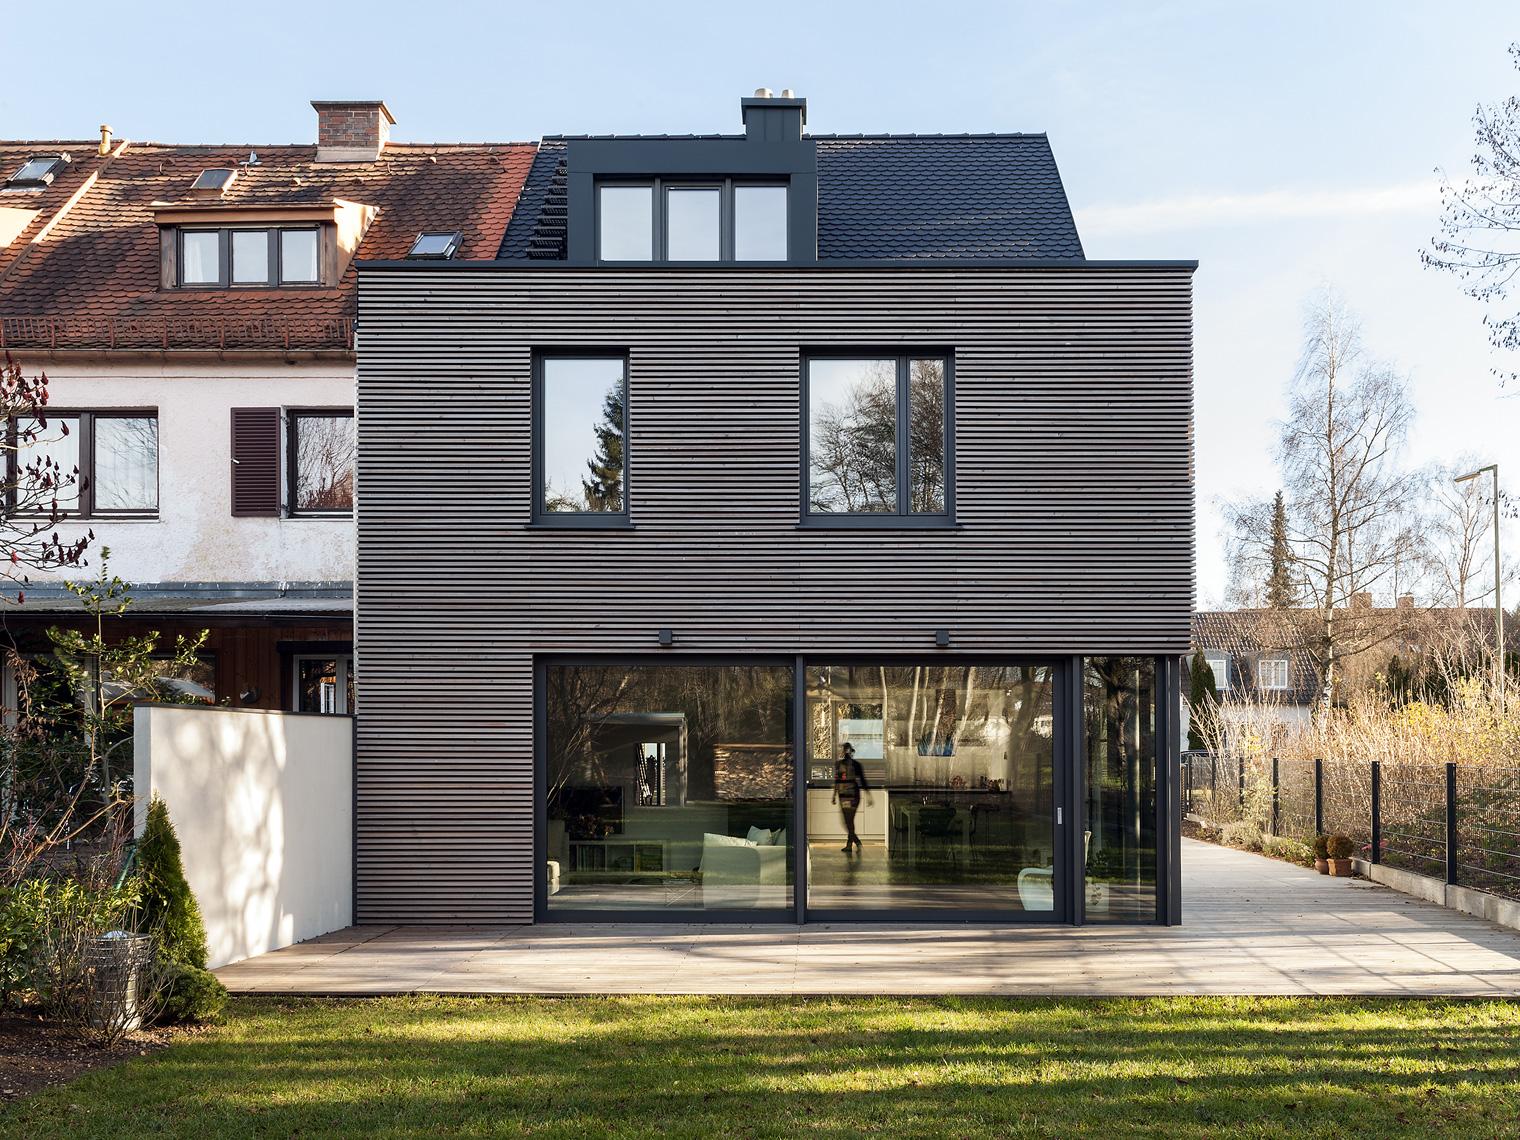 Reihenendhaus m nchen harlaching arcs architekten - Beruhmte architekten des 21 jahrhunderts ...